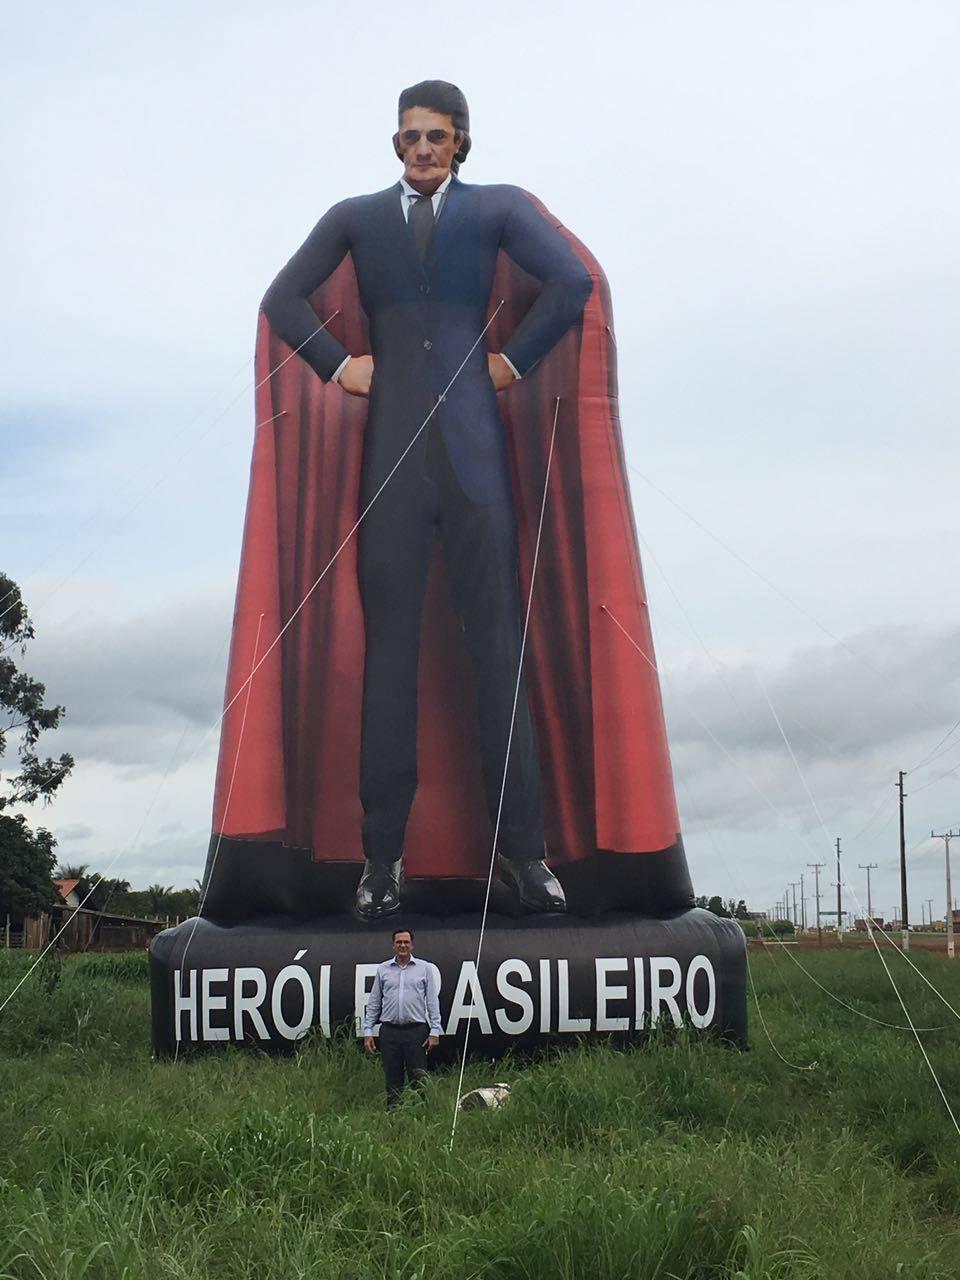 O boneco tem dupla face: de um lado, o juiz de Super Homem, do outro, o juiz de terno e gravata. Foto: Arquivo Pessoal